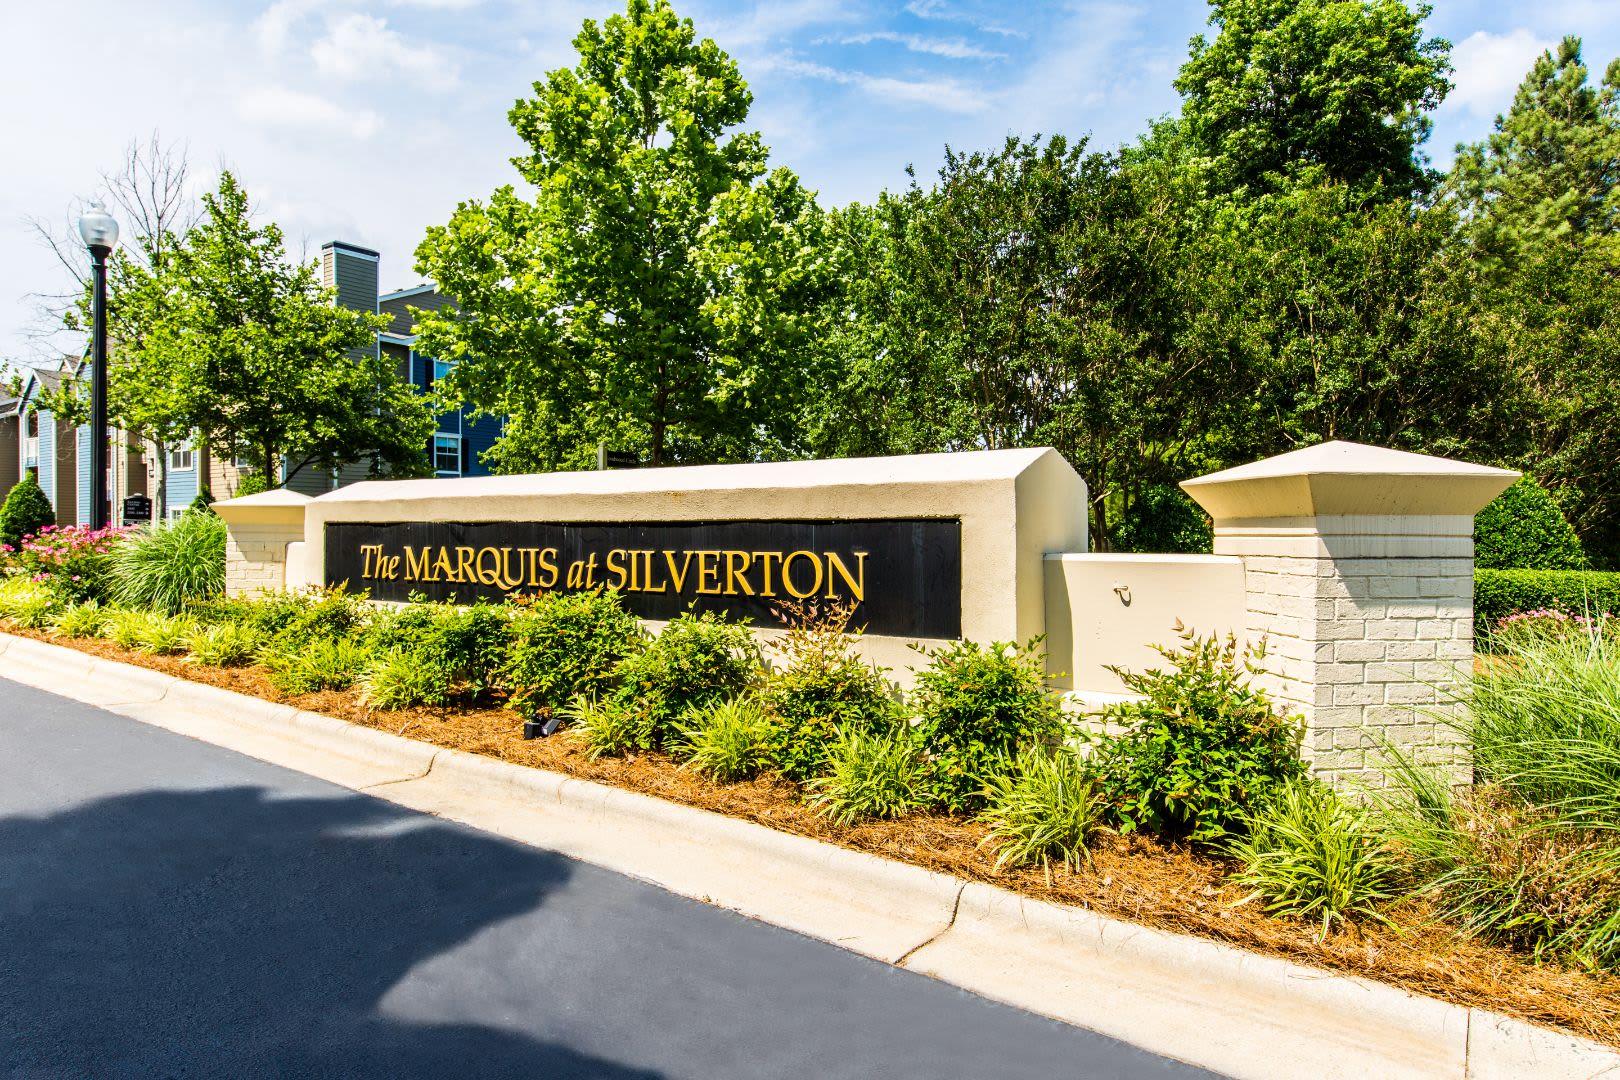 Marquis at Silverton sign at Cary, North Carolina from Marquis at Silverton